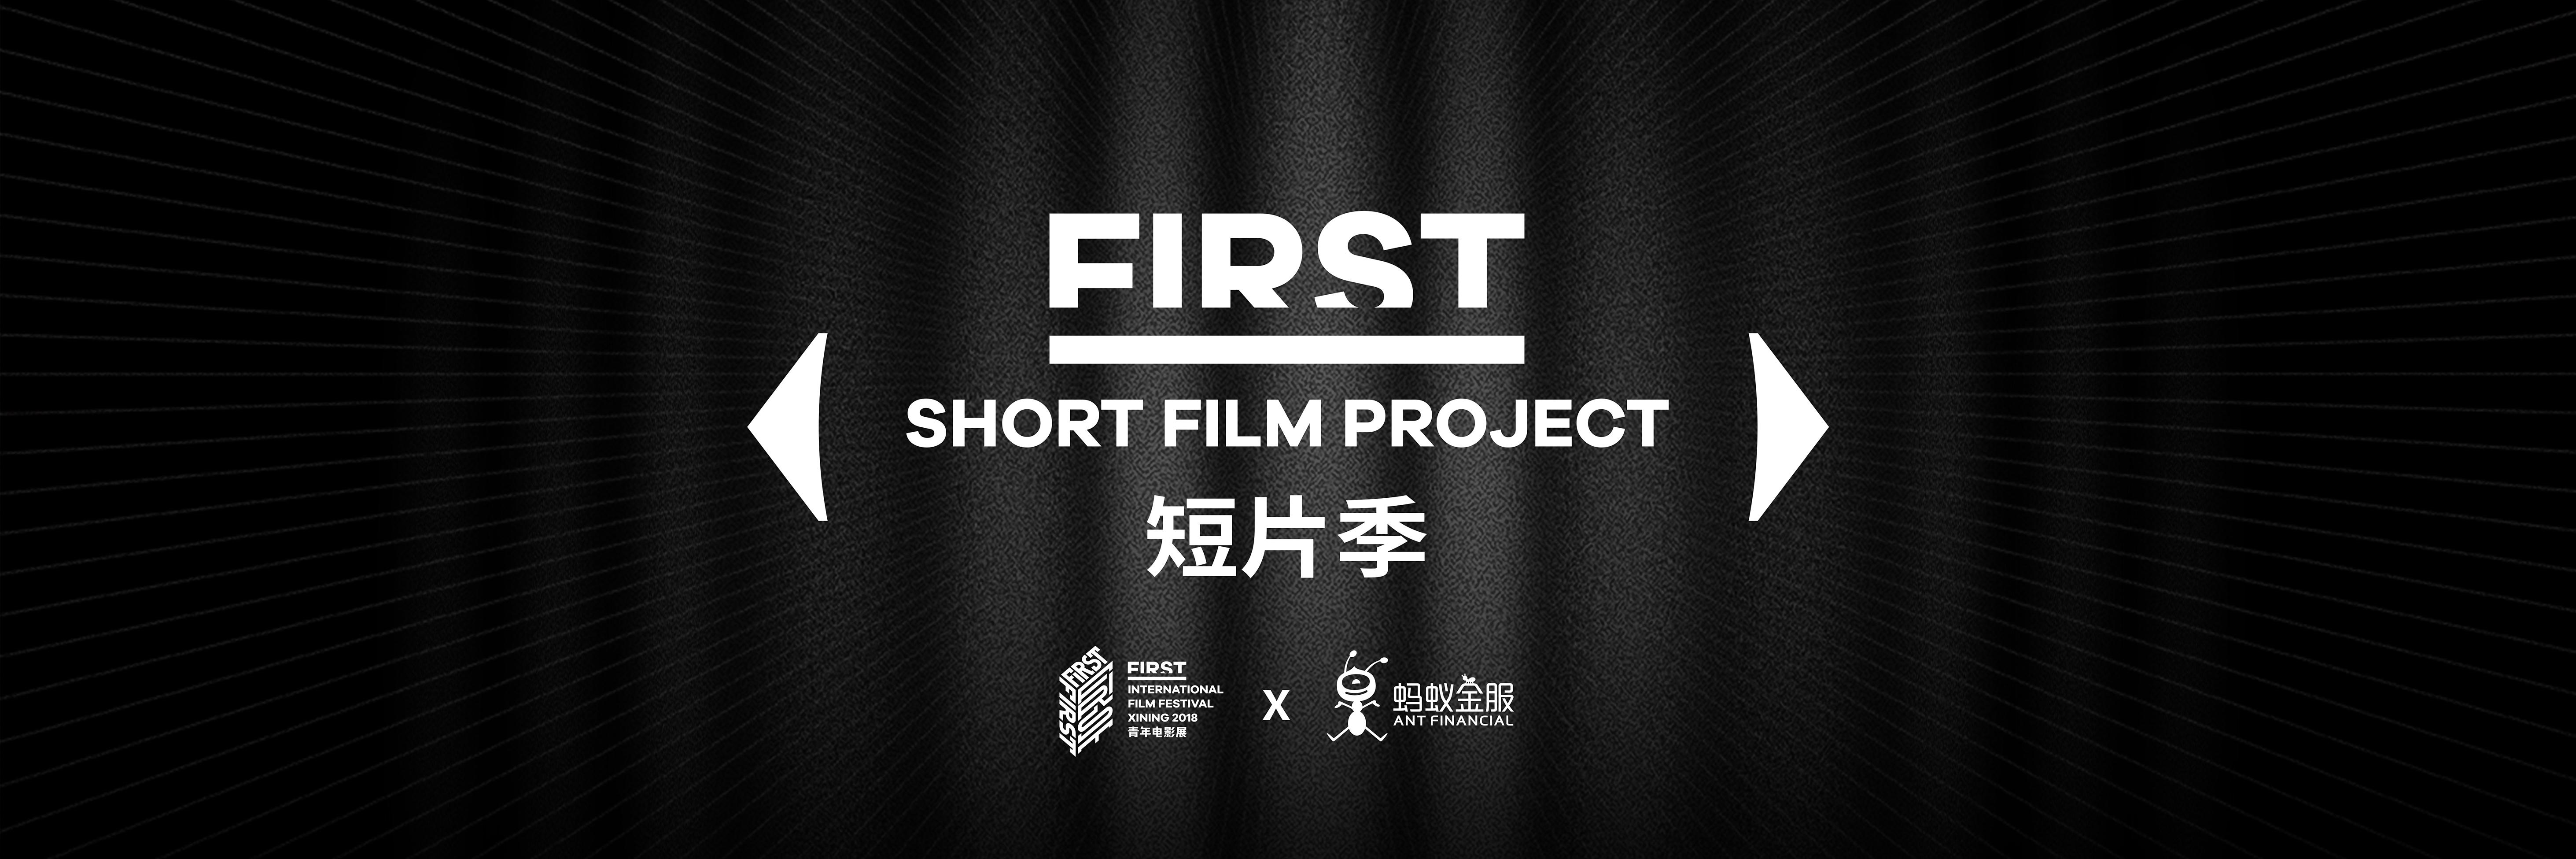 cn.org.firstfilm.domain.support.MultiLanguageValue@174b5fc8